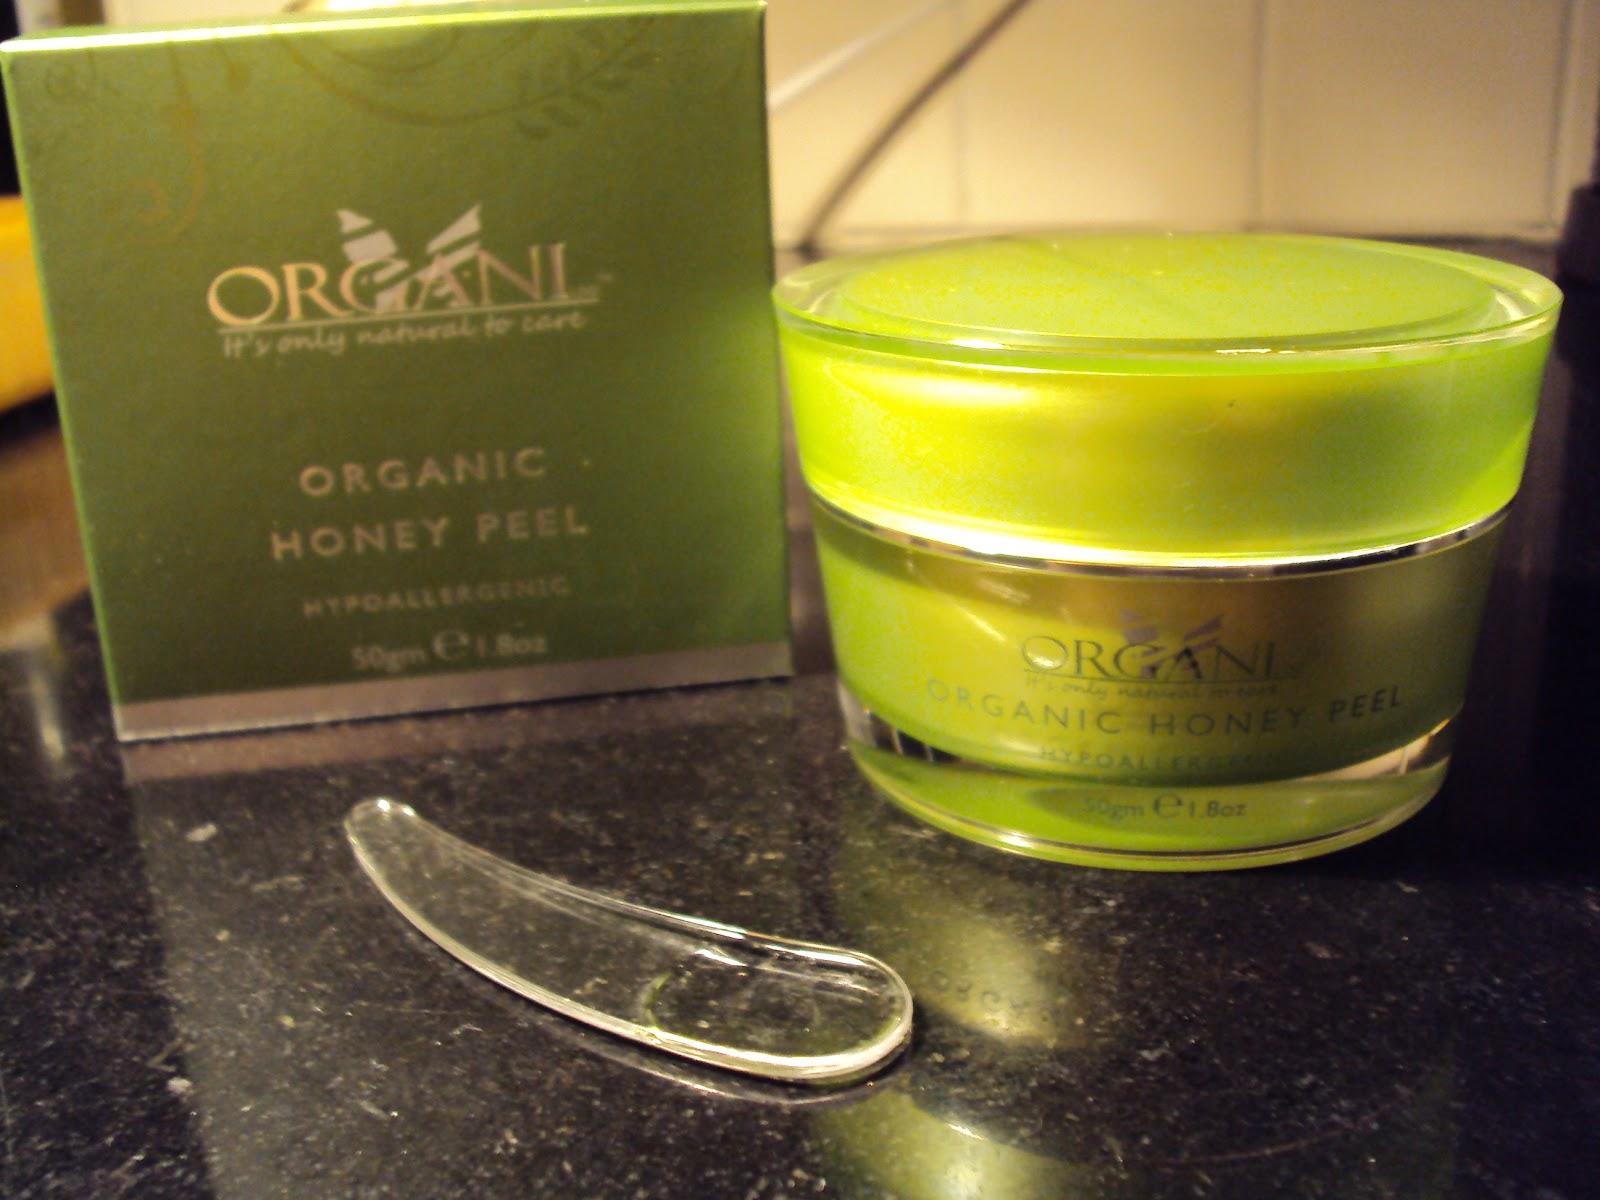 organi skin care